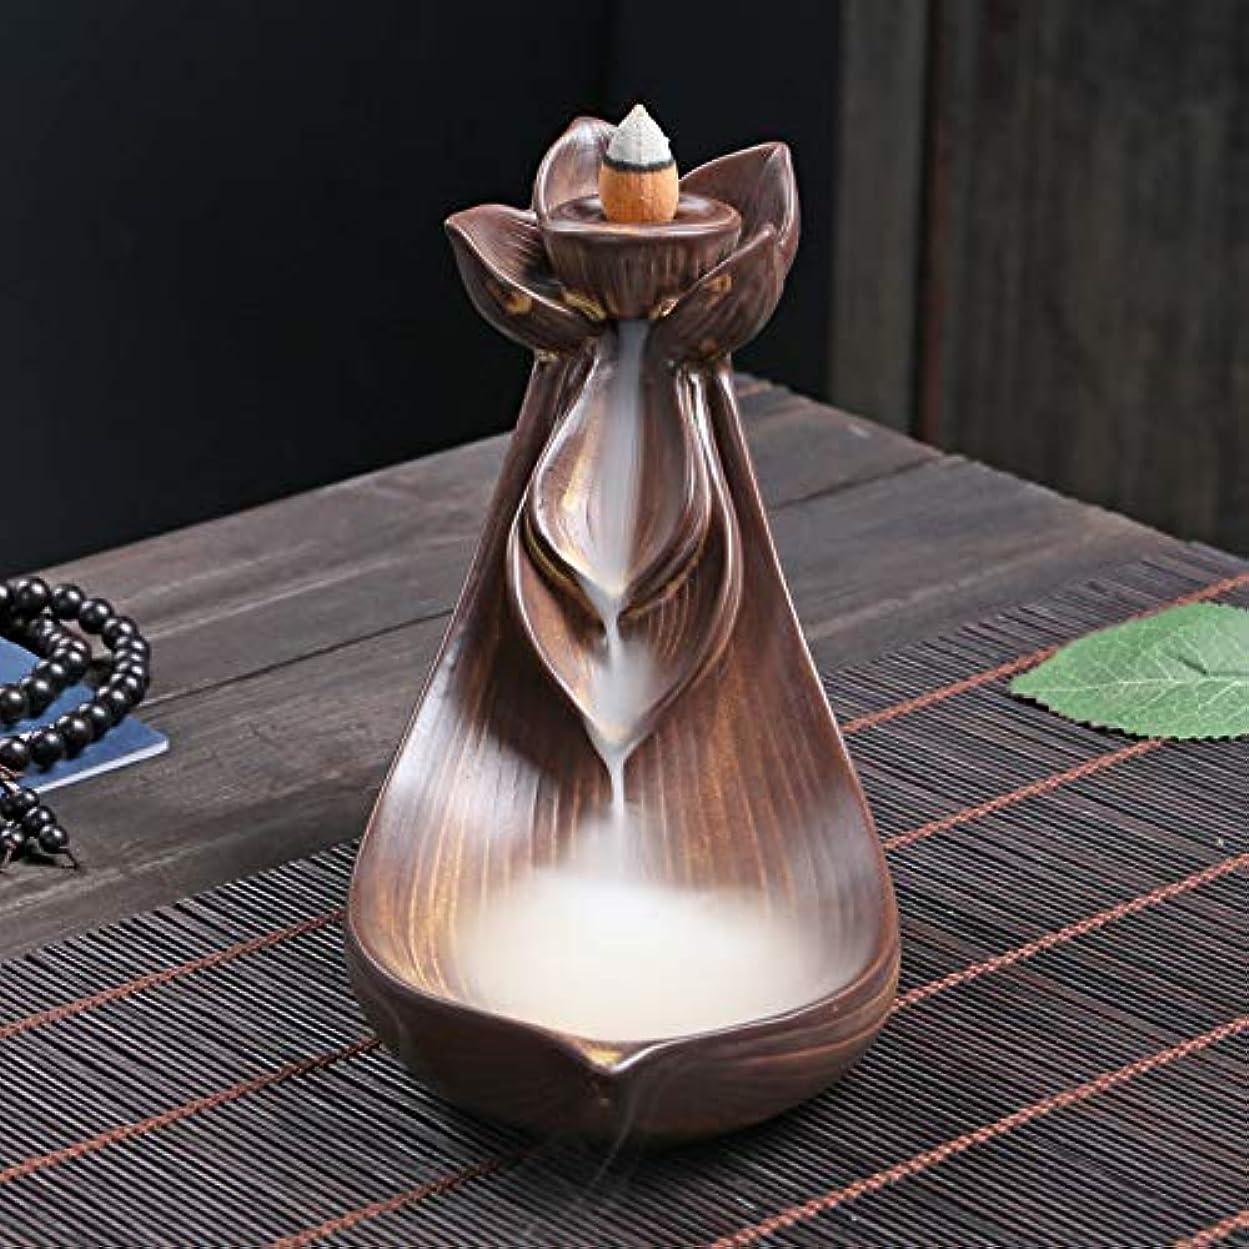 祝う例示する歌手PHILOGOD 陶器香炉 ロータススタイリング逆流香炉 倒流香 お香 ホルダー 香立て (Small Lotus)